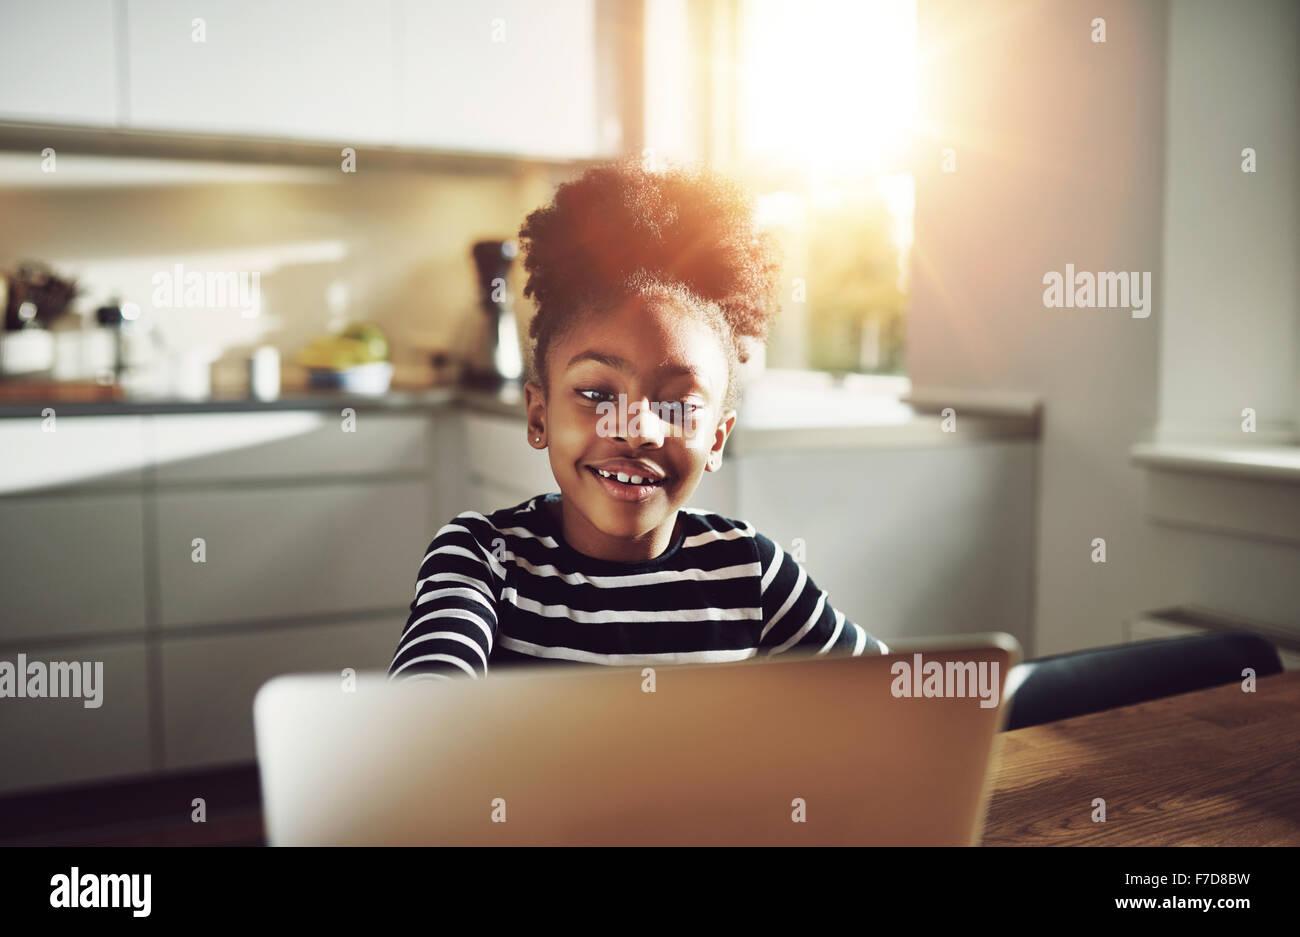 Lindo joven negro niña jugando en un equipo portátil sonriendo felizmente ella navega por internet mientras Imagen De Stock